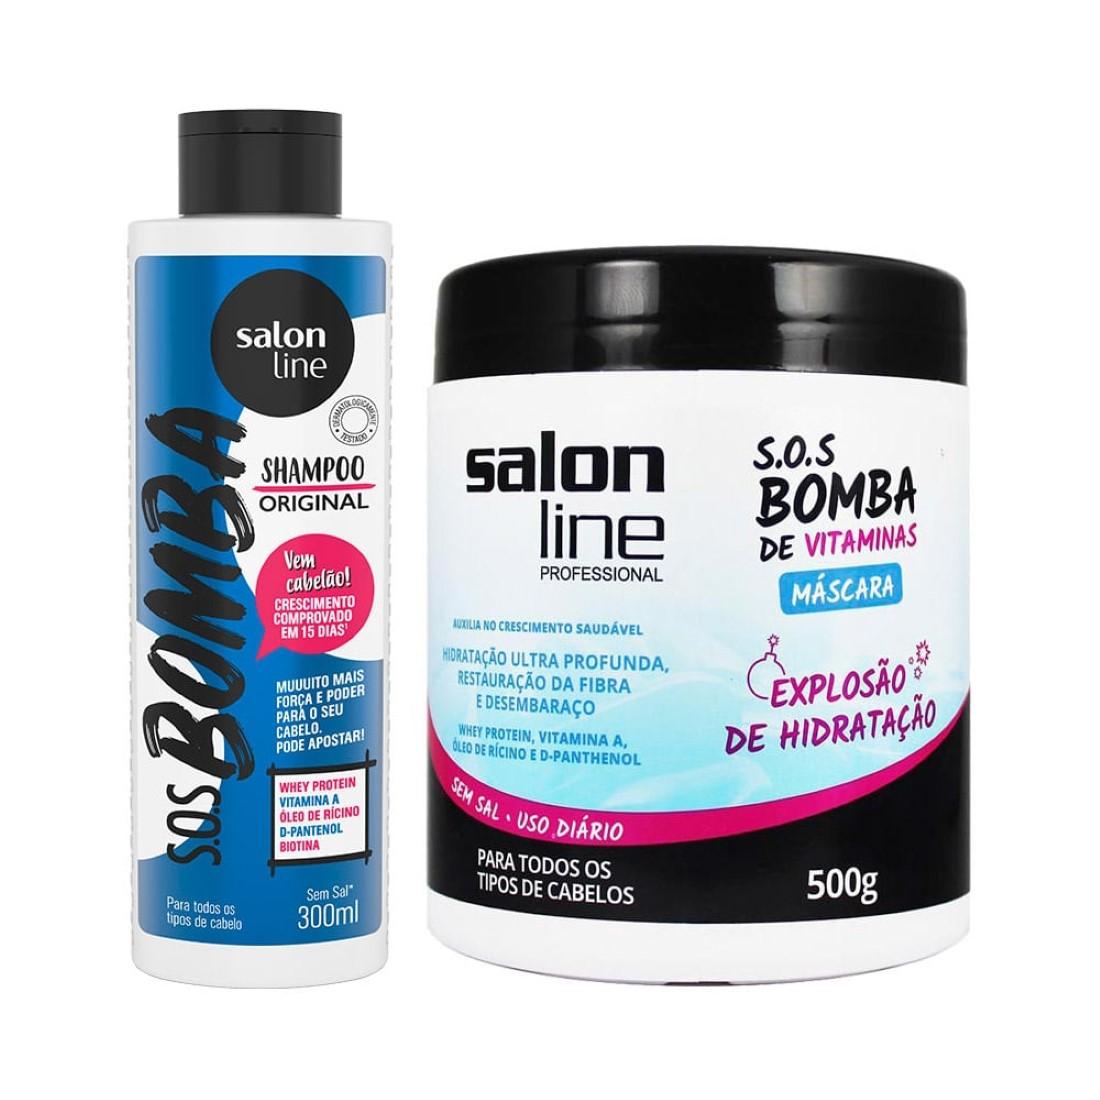 Kit S.O.S Bomba de Vitaminas Shampoo e Máscara - Salon Line